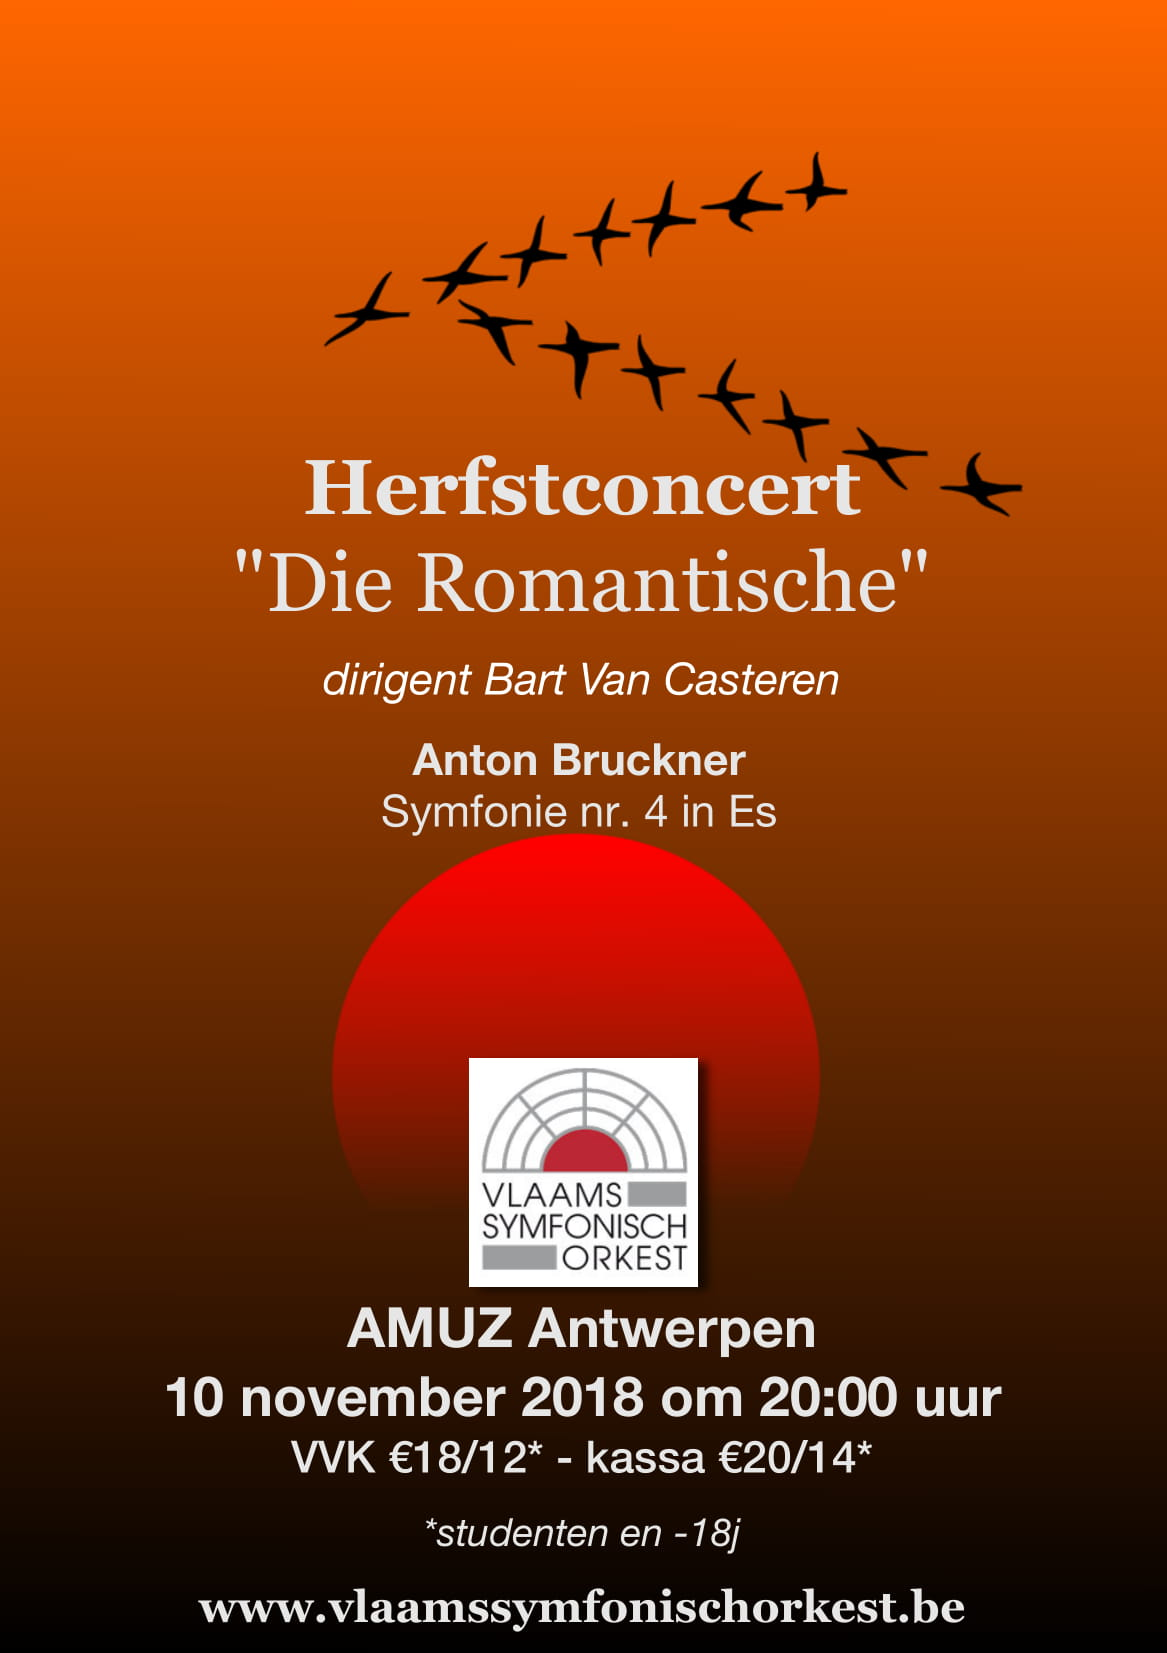 flyer Herfstconcert Die Romantische